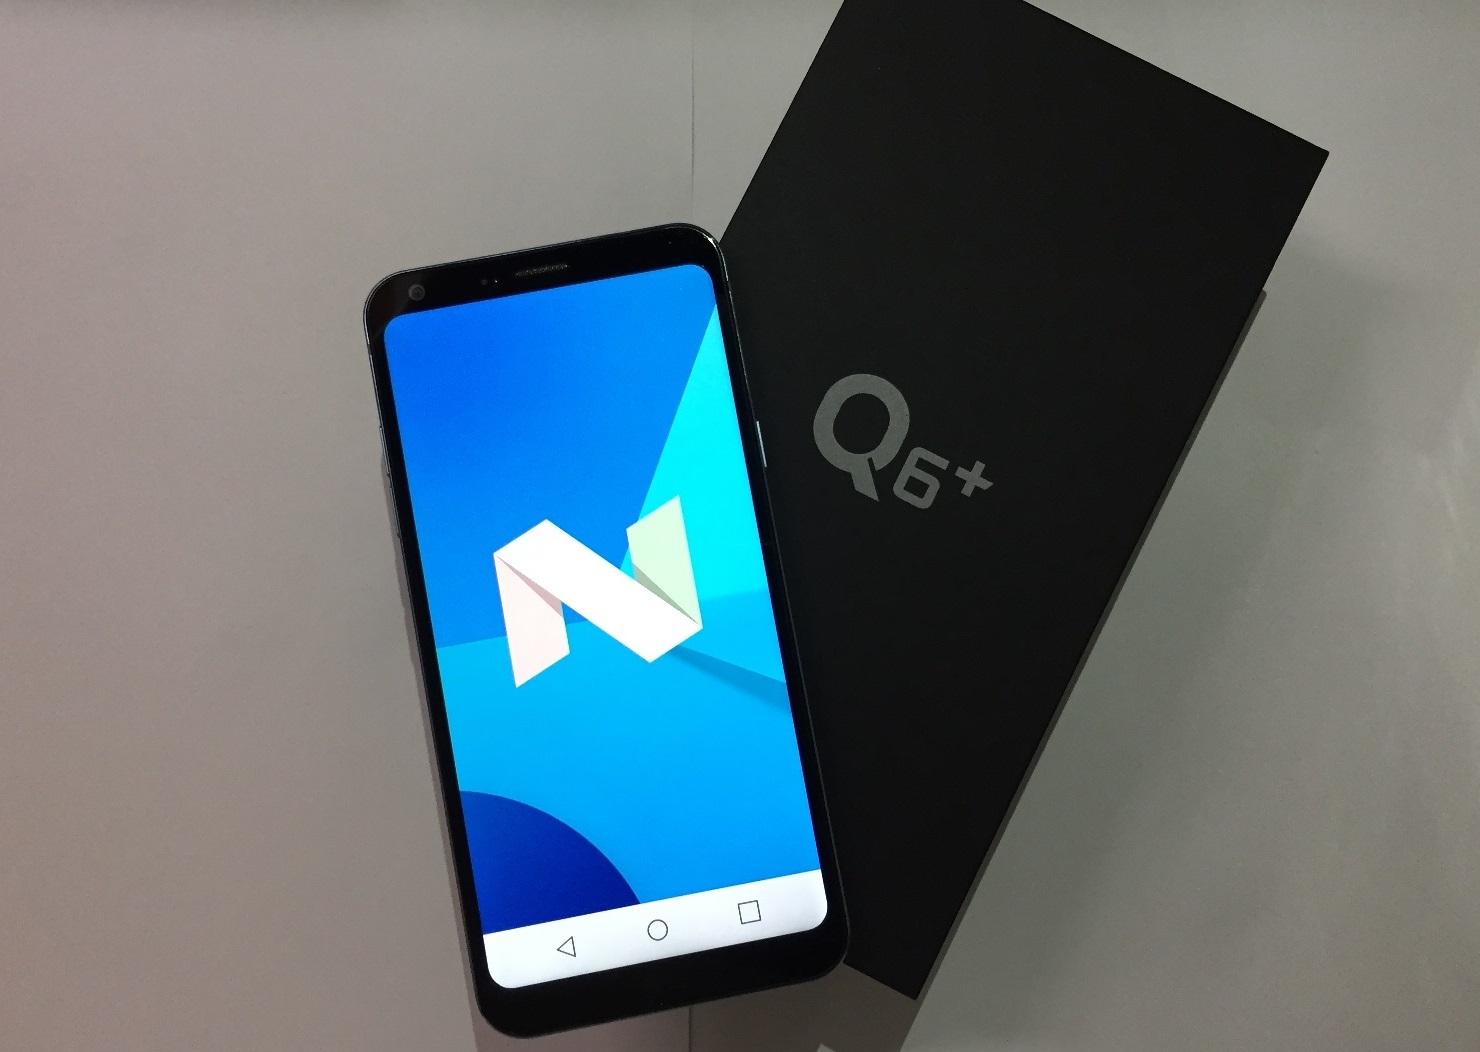 30933cb57 Unboxing of LG Q6 Plus Smartphone